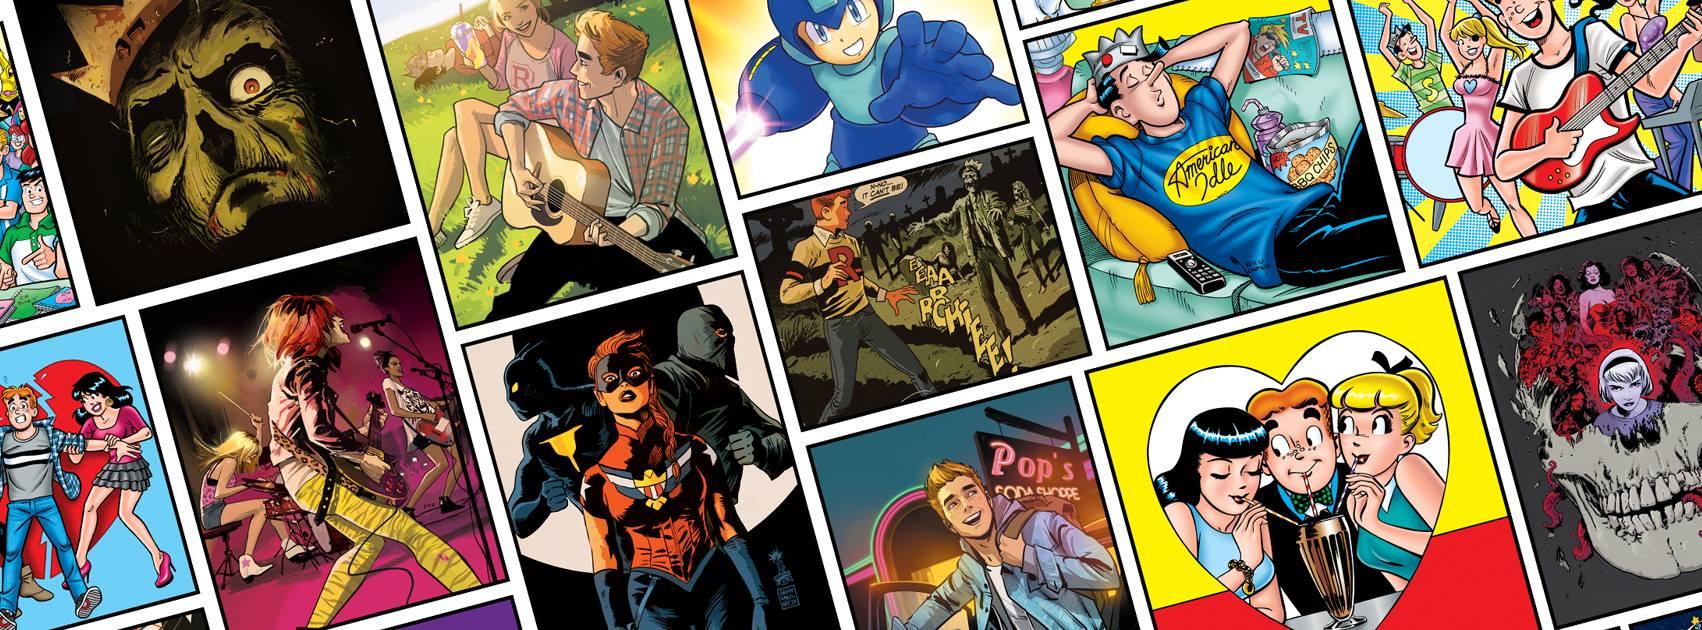 How Archie Comics Got Its Groove Back